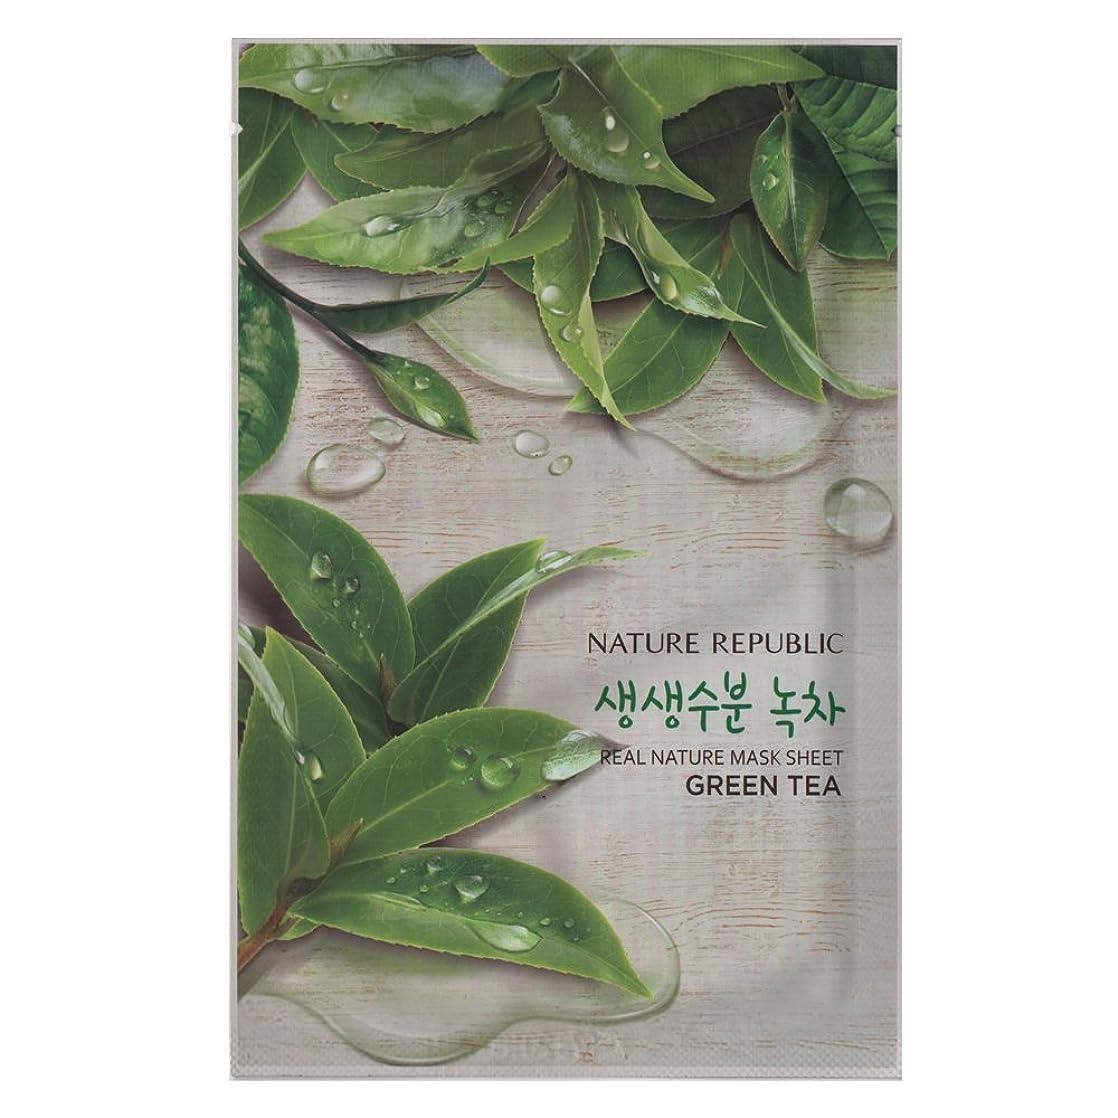 飢えバージンタンザニア[NATURE REPUBLIC] リアルネイチャー マスクシート Real Nature Mask Sheet (Green Tea (緑茶) 10個) [並行輸入品]